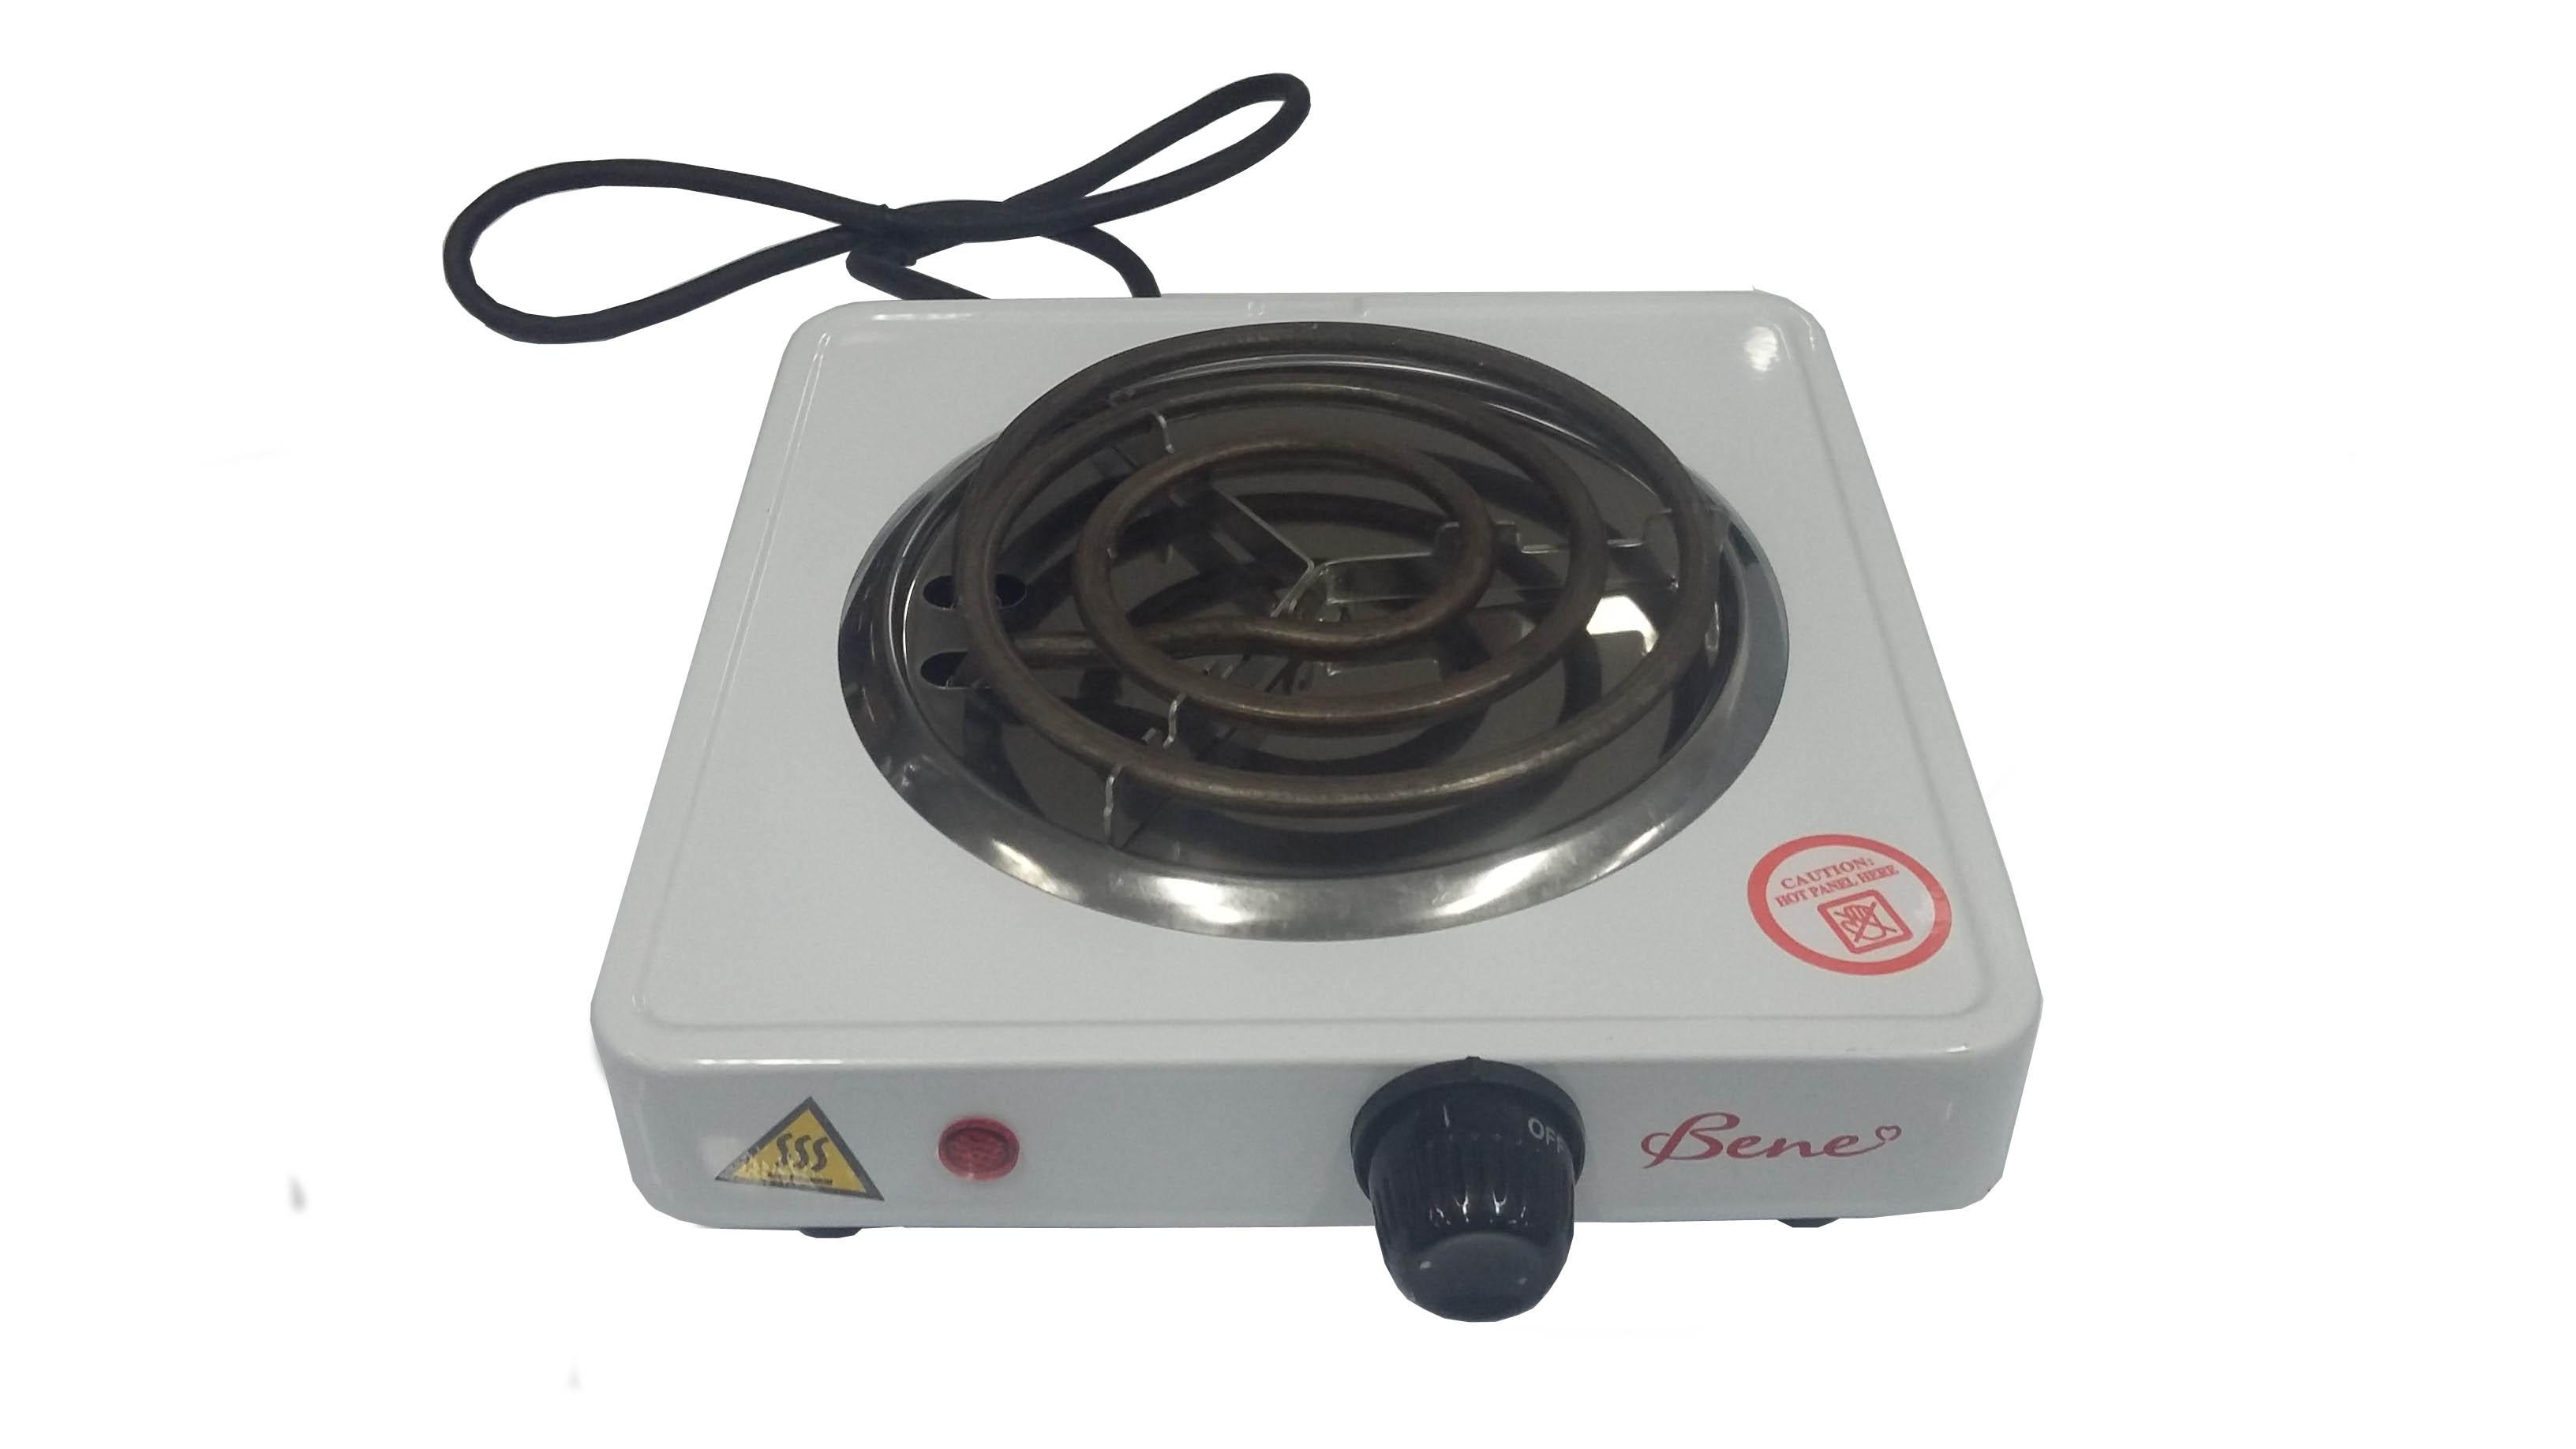 Электрическая плита Bene Q1-WT